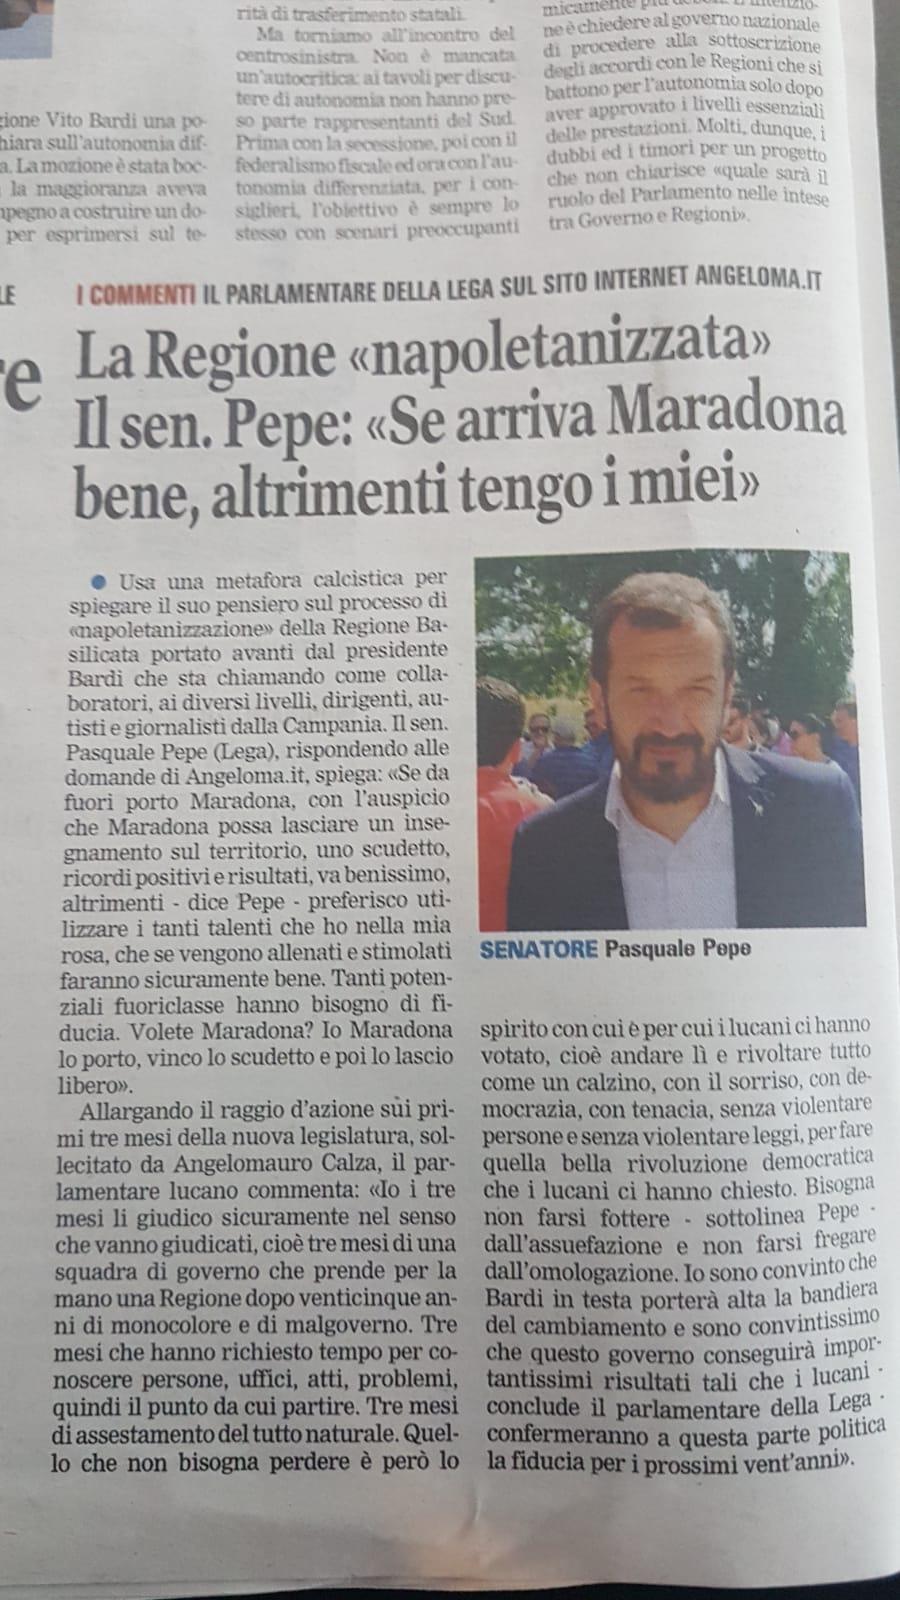 Intervista al Senatore Pasquale Pepe